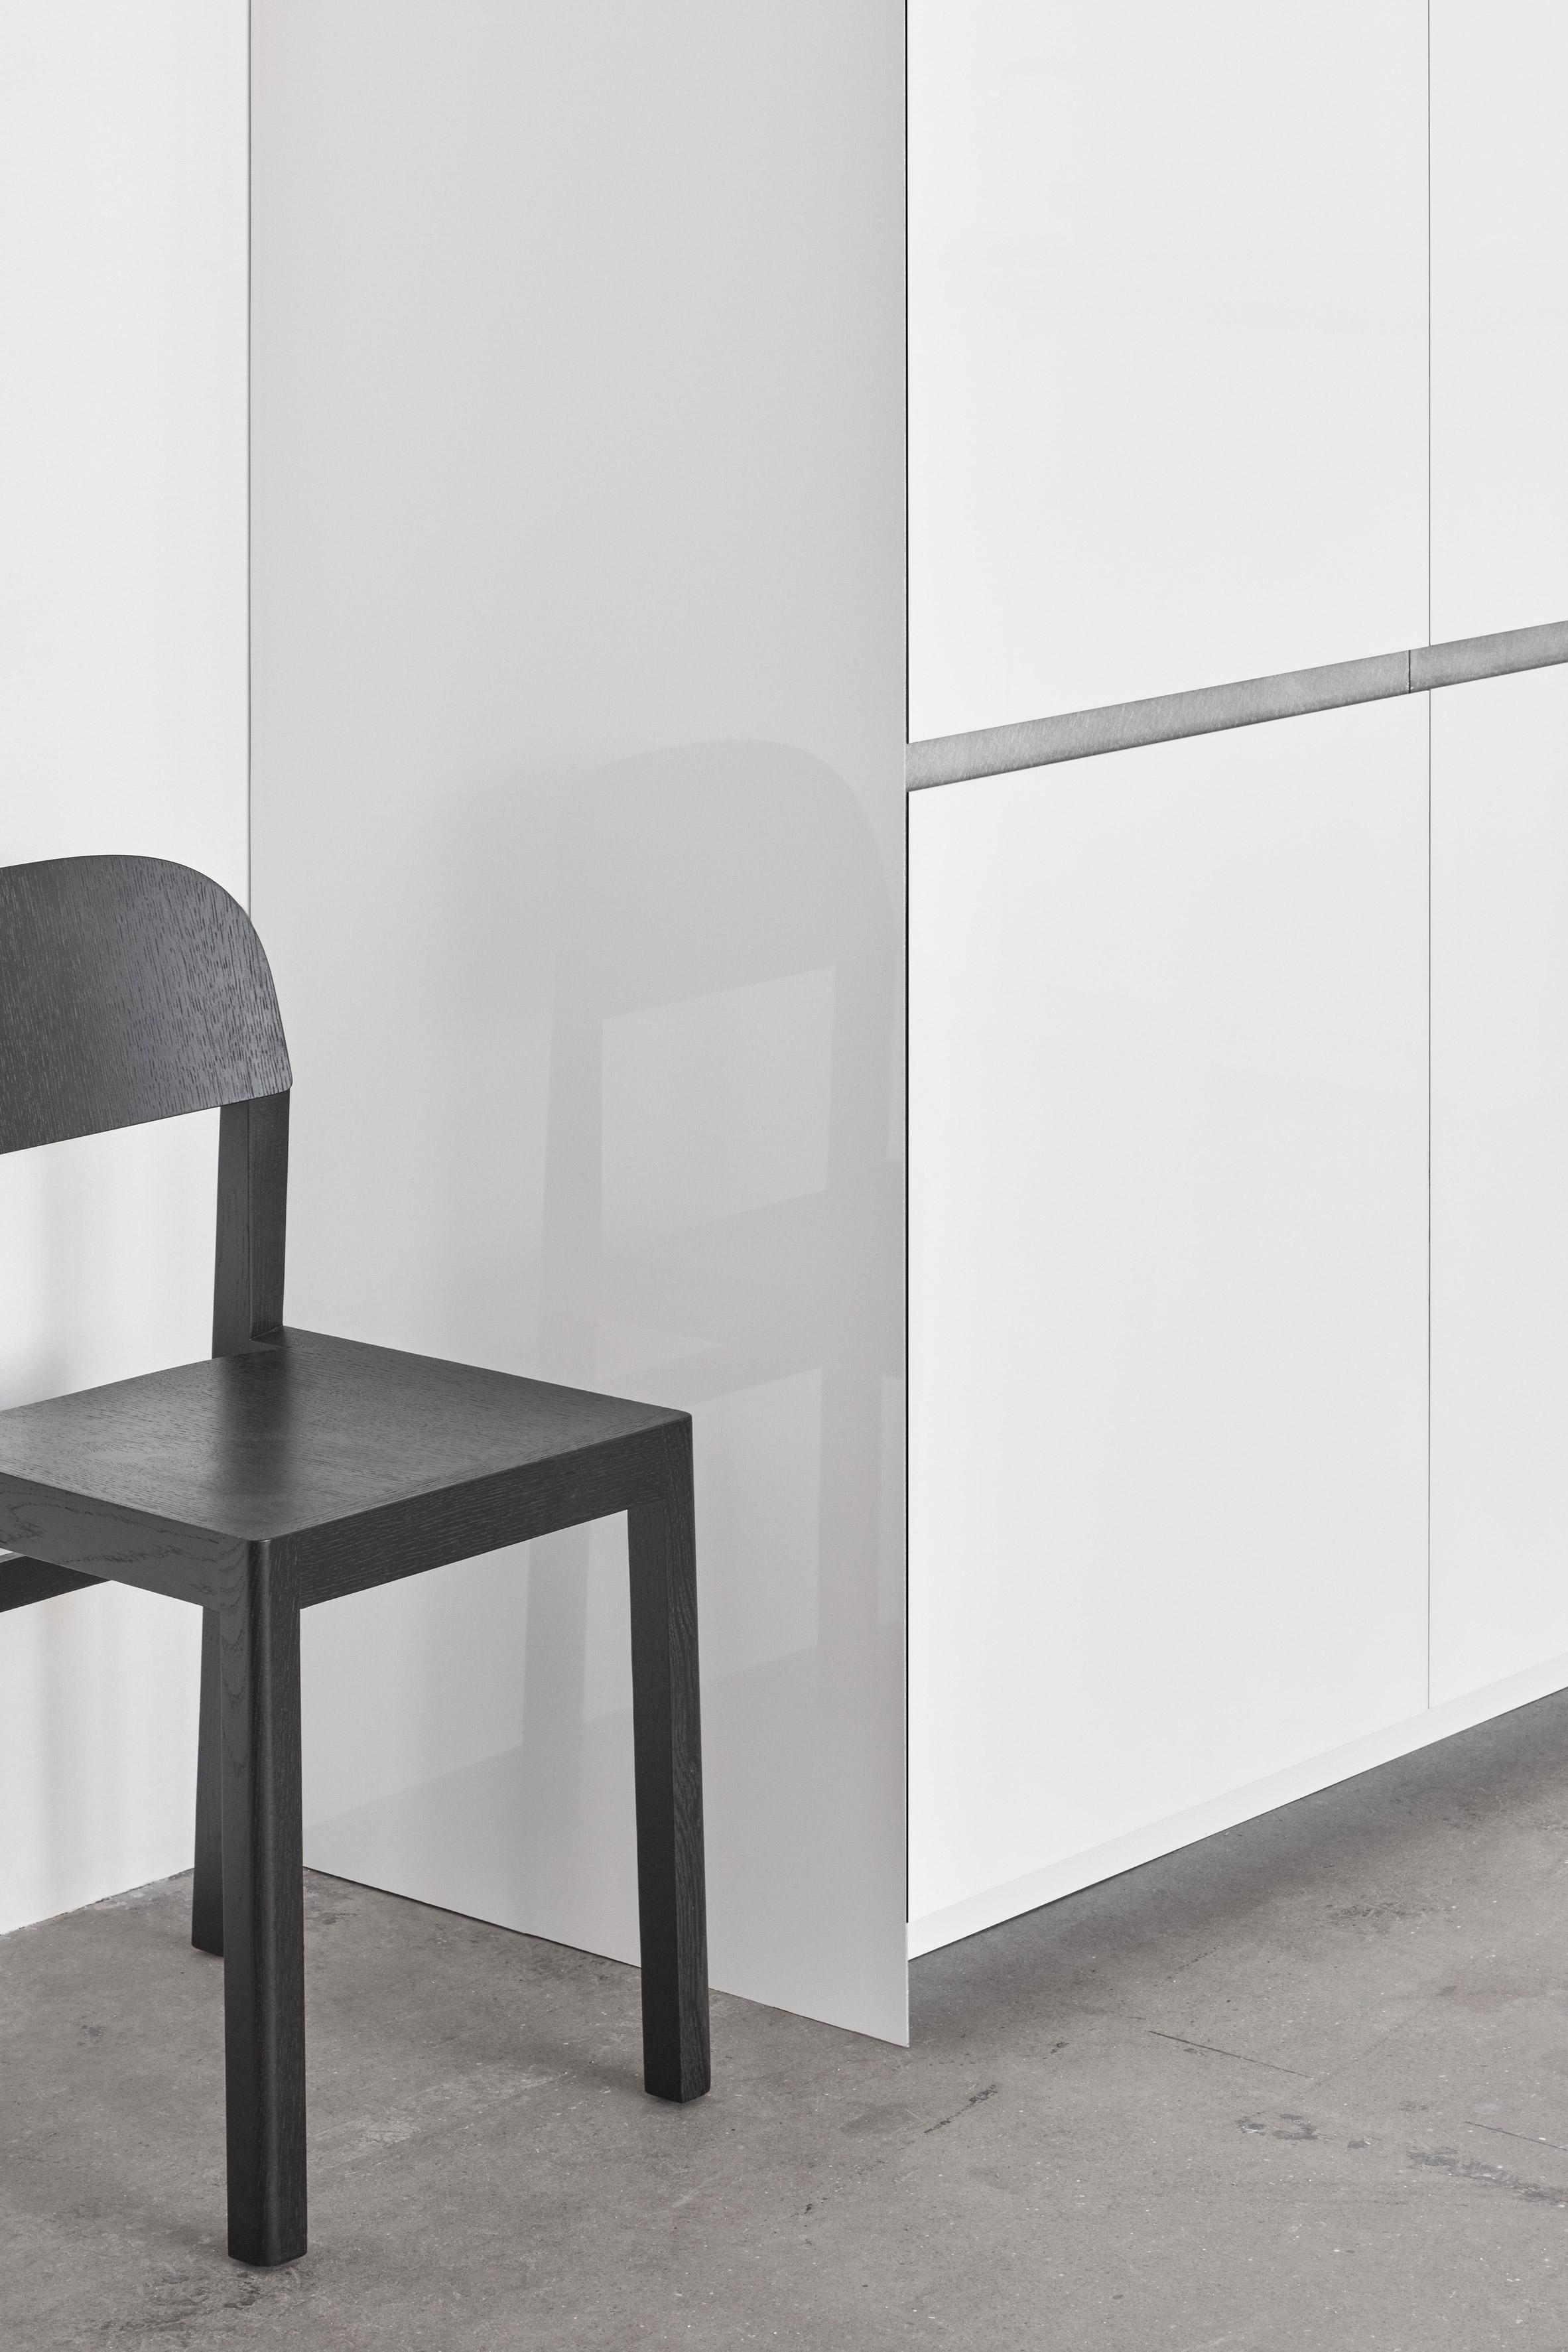 David Thulstrup Note Design Studio And Muller Van Severen